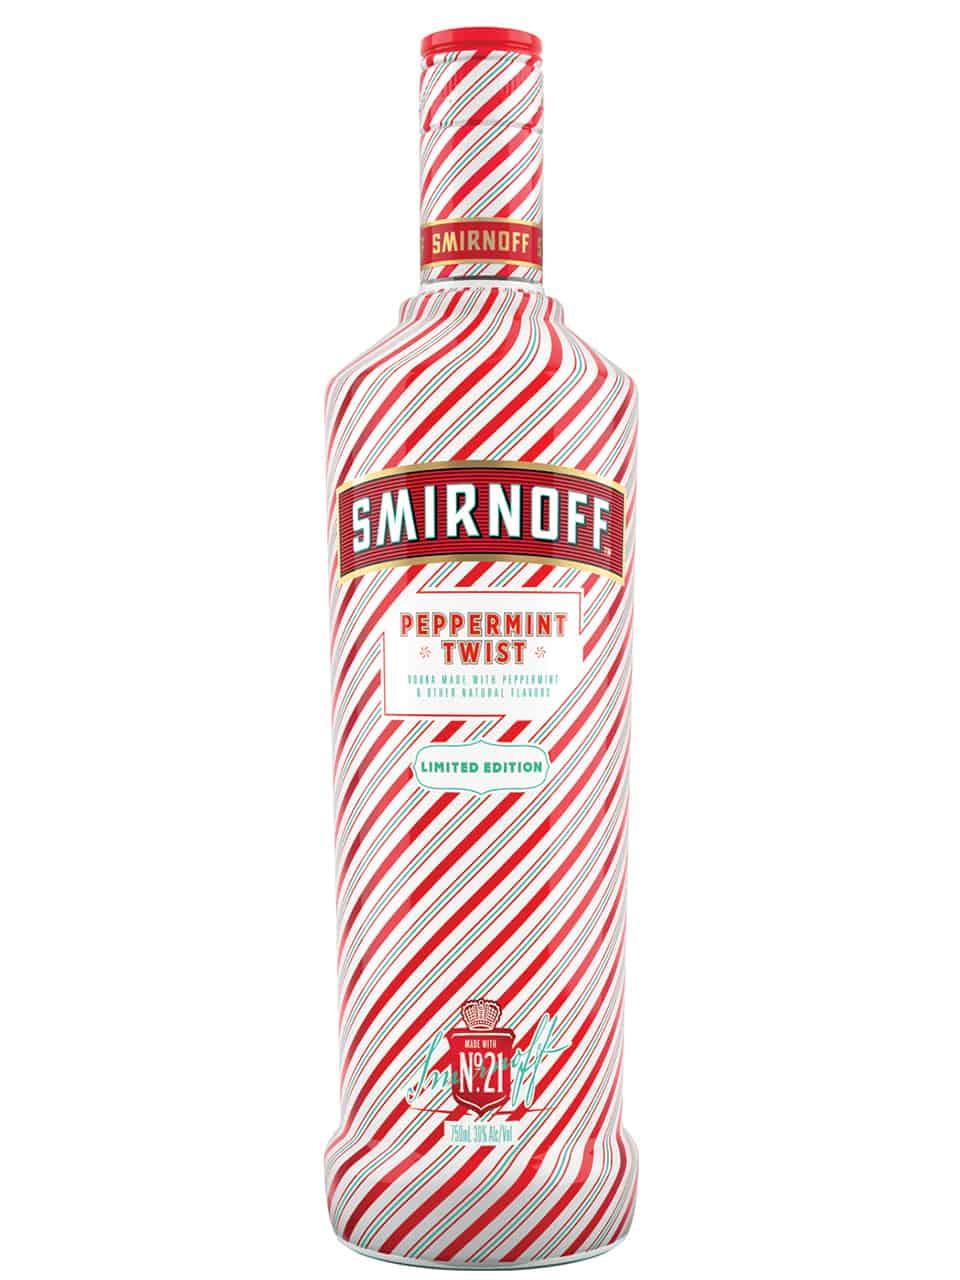 Smirnoff Peppermint Twist Vodka